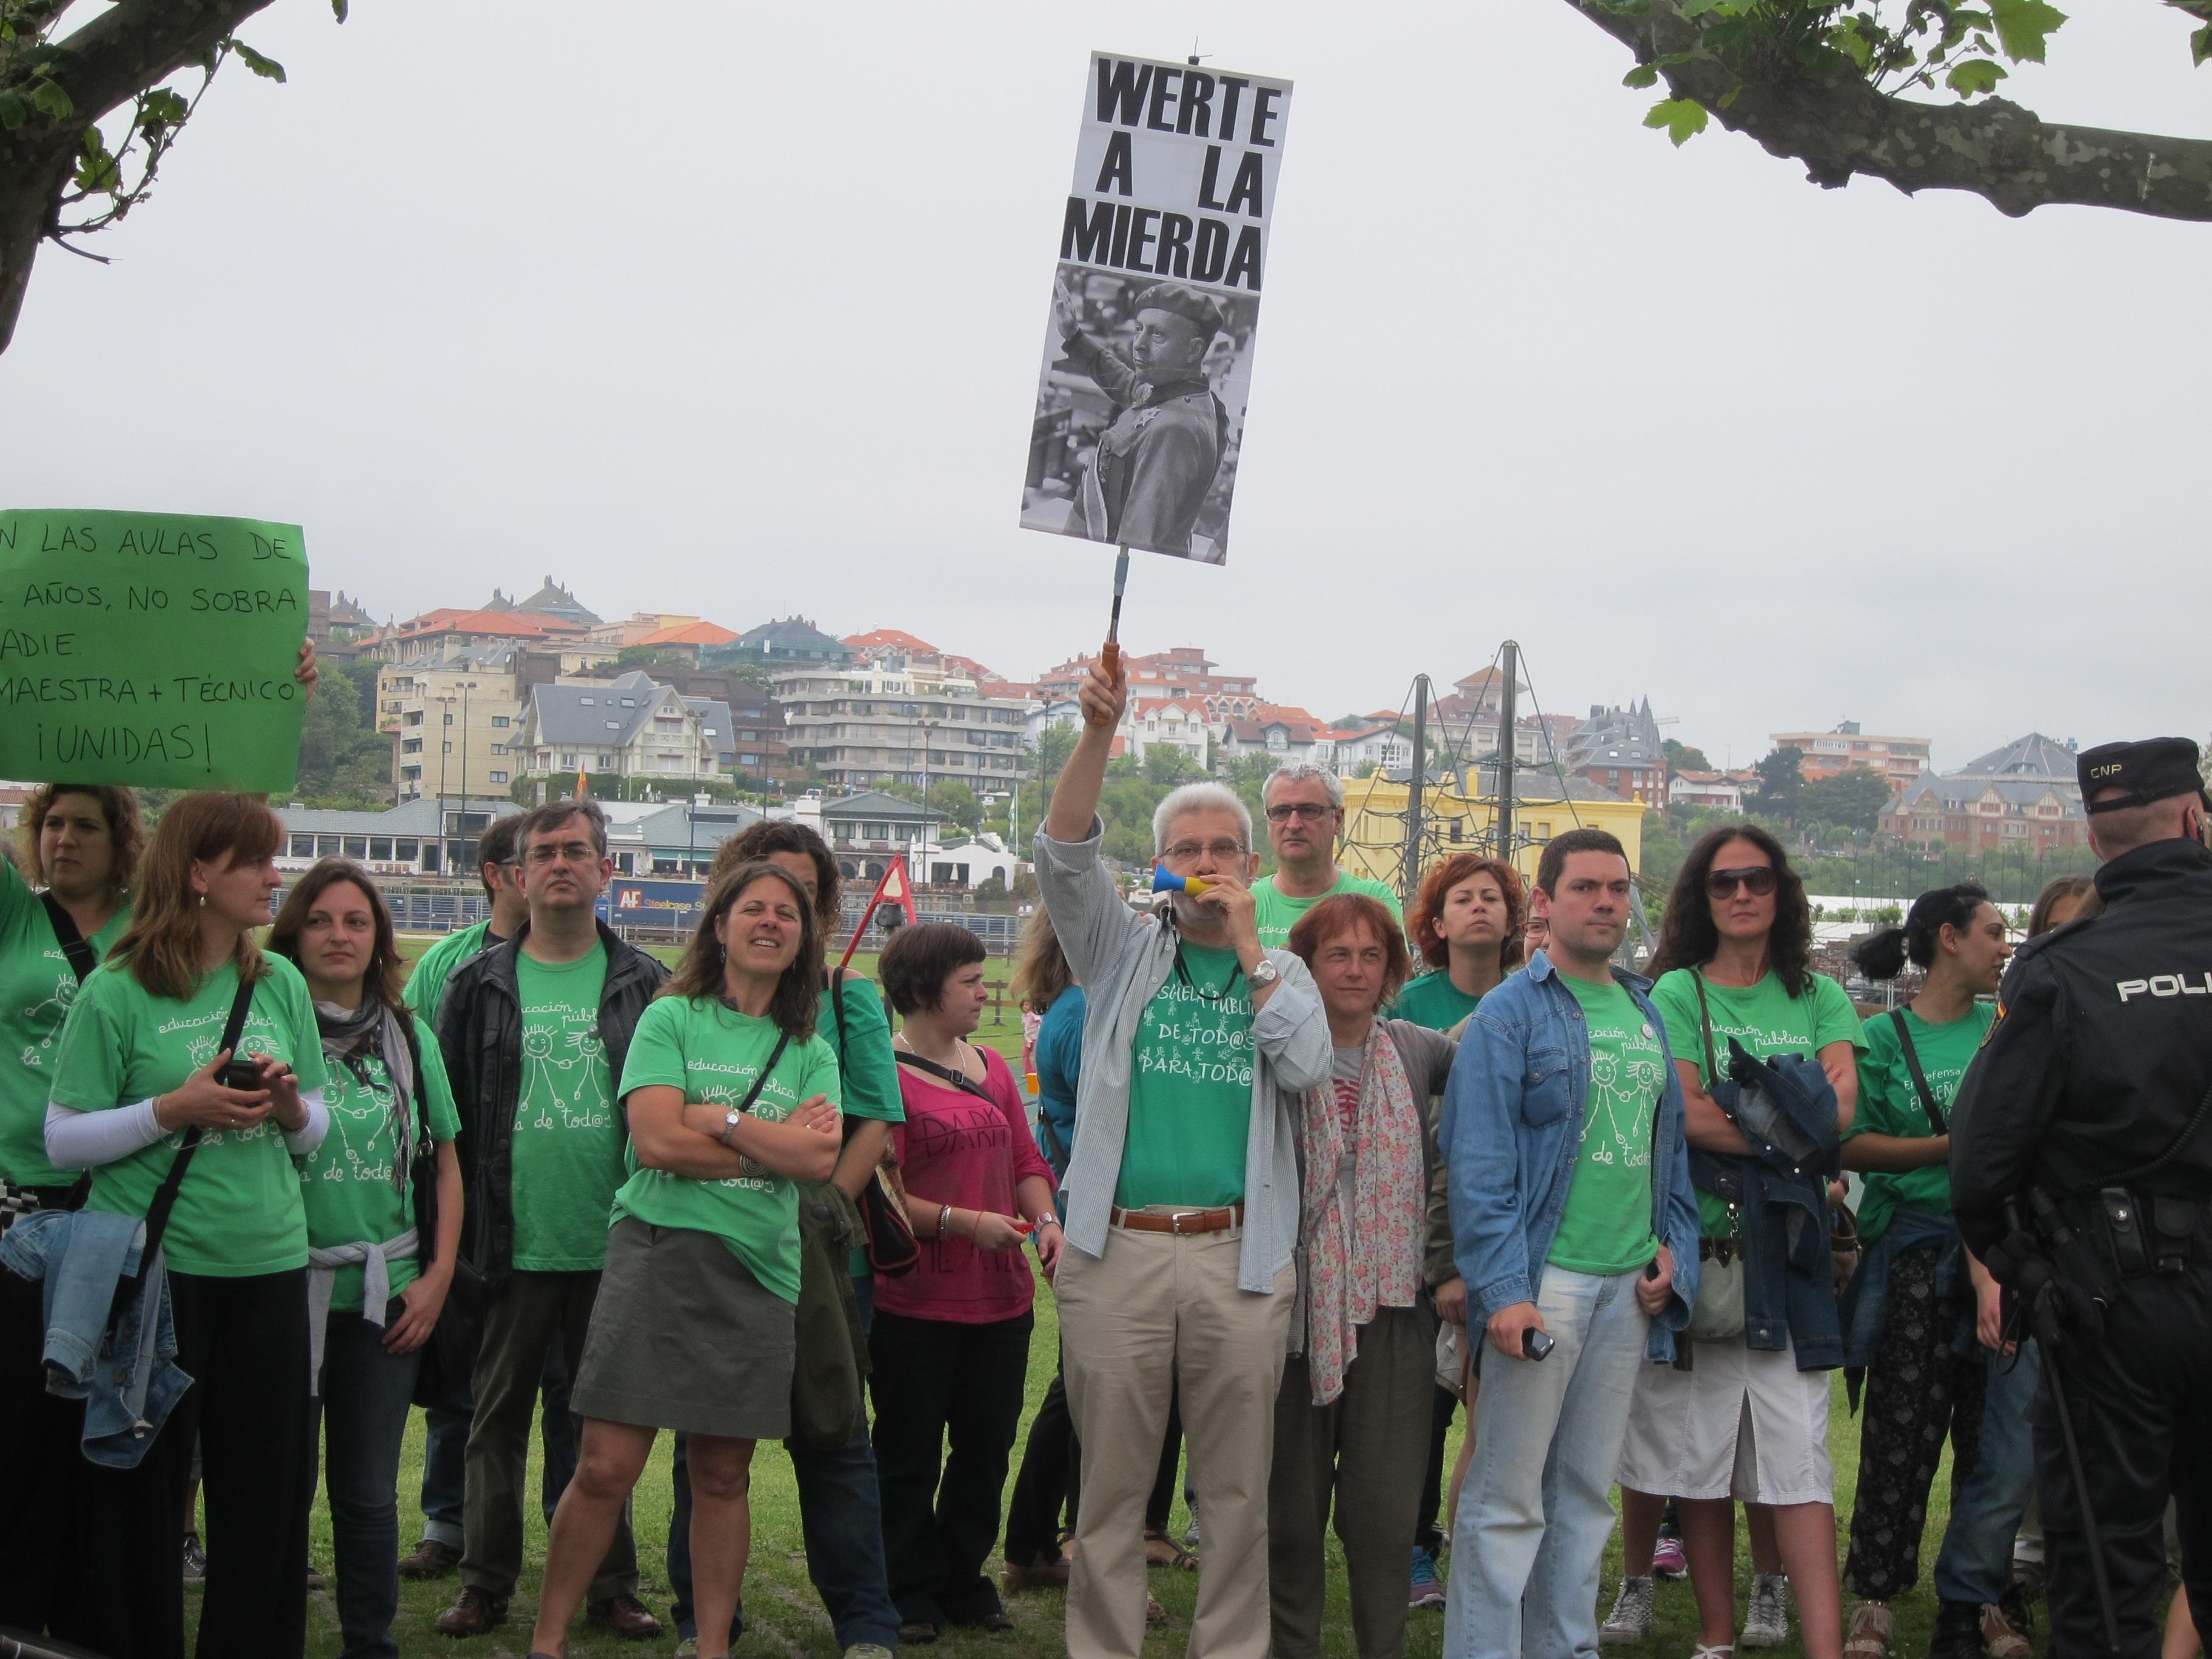 Un centenar de personas reciben a Wert con pitidos y abucheos y reivindican la educación pública